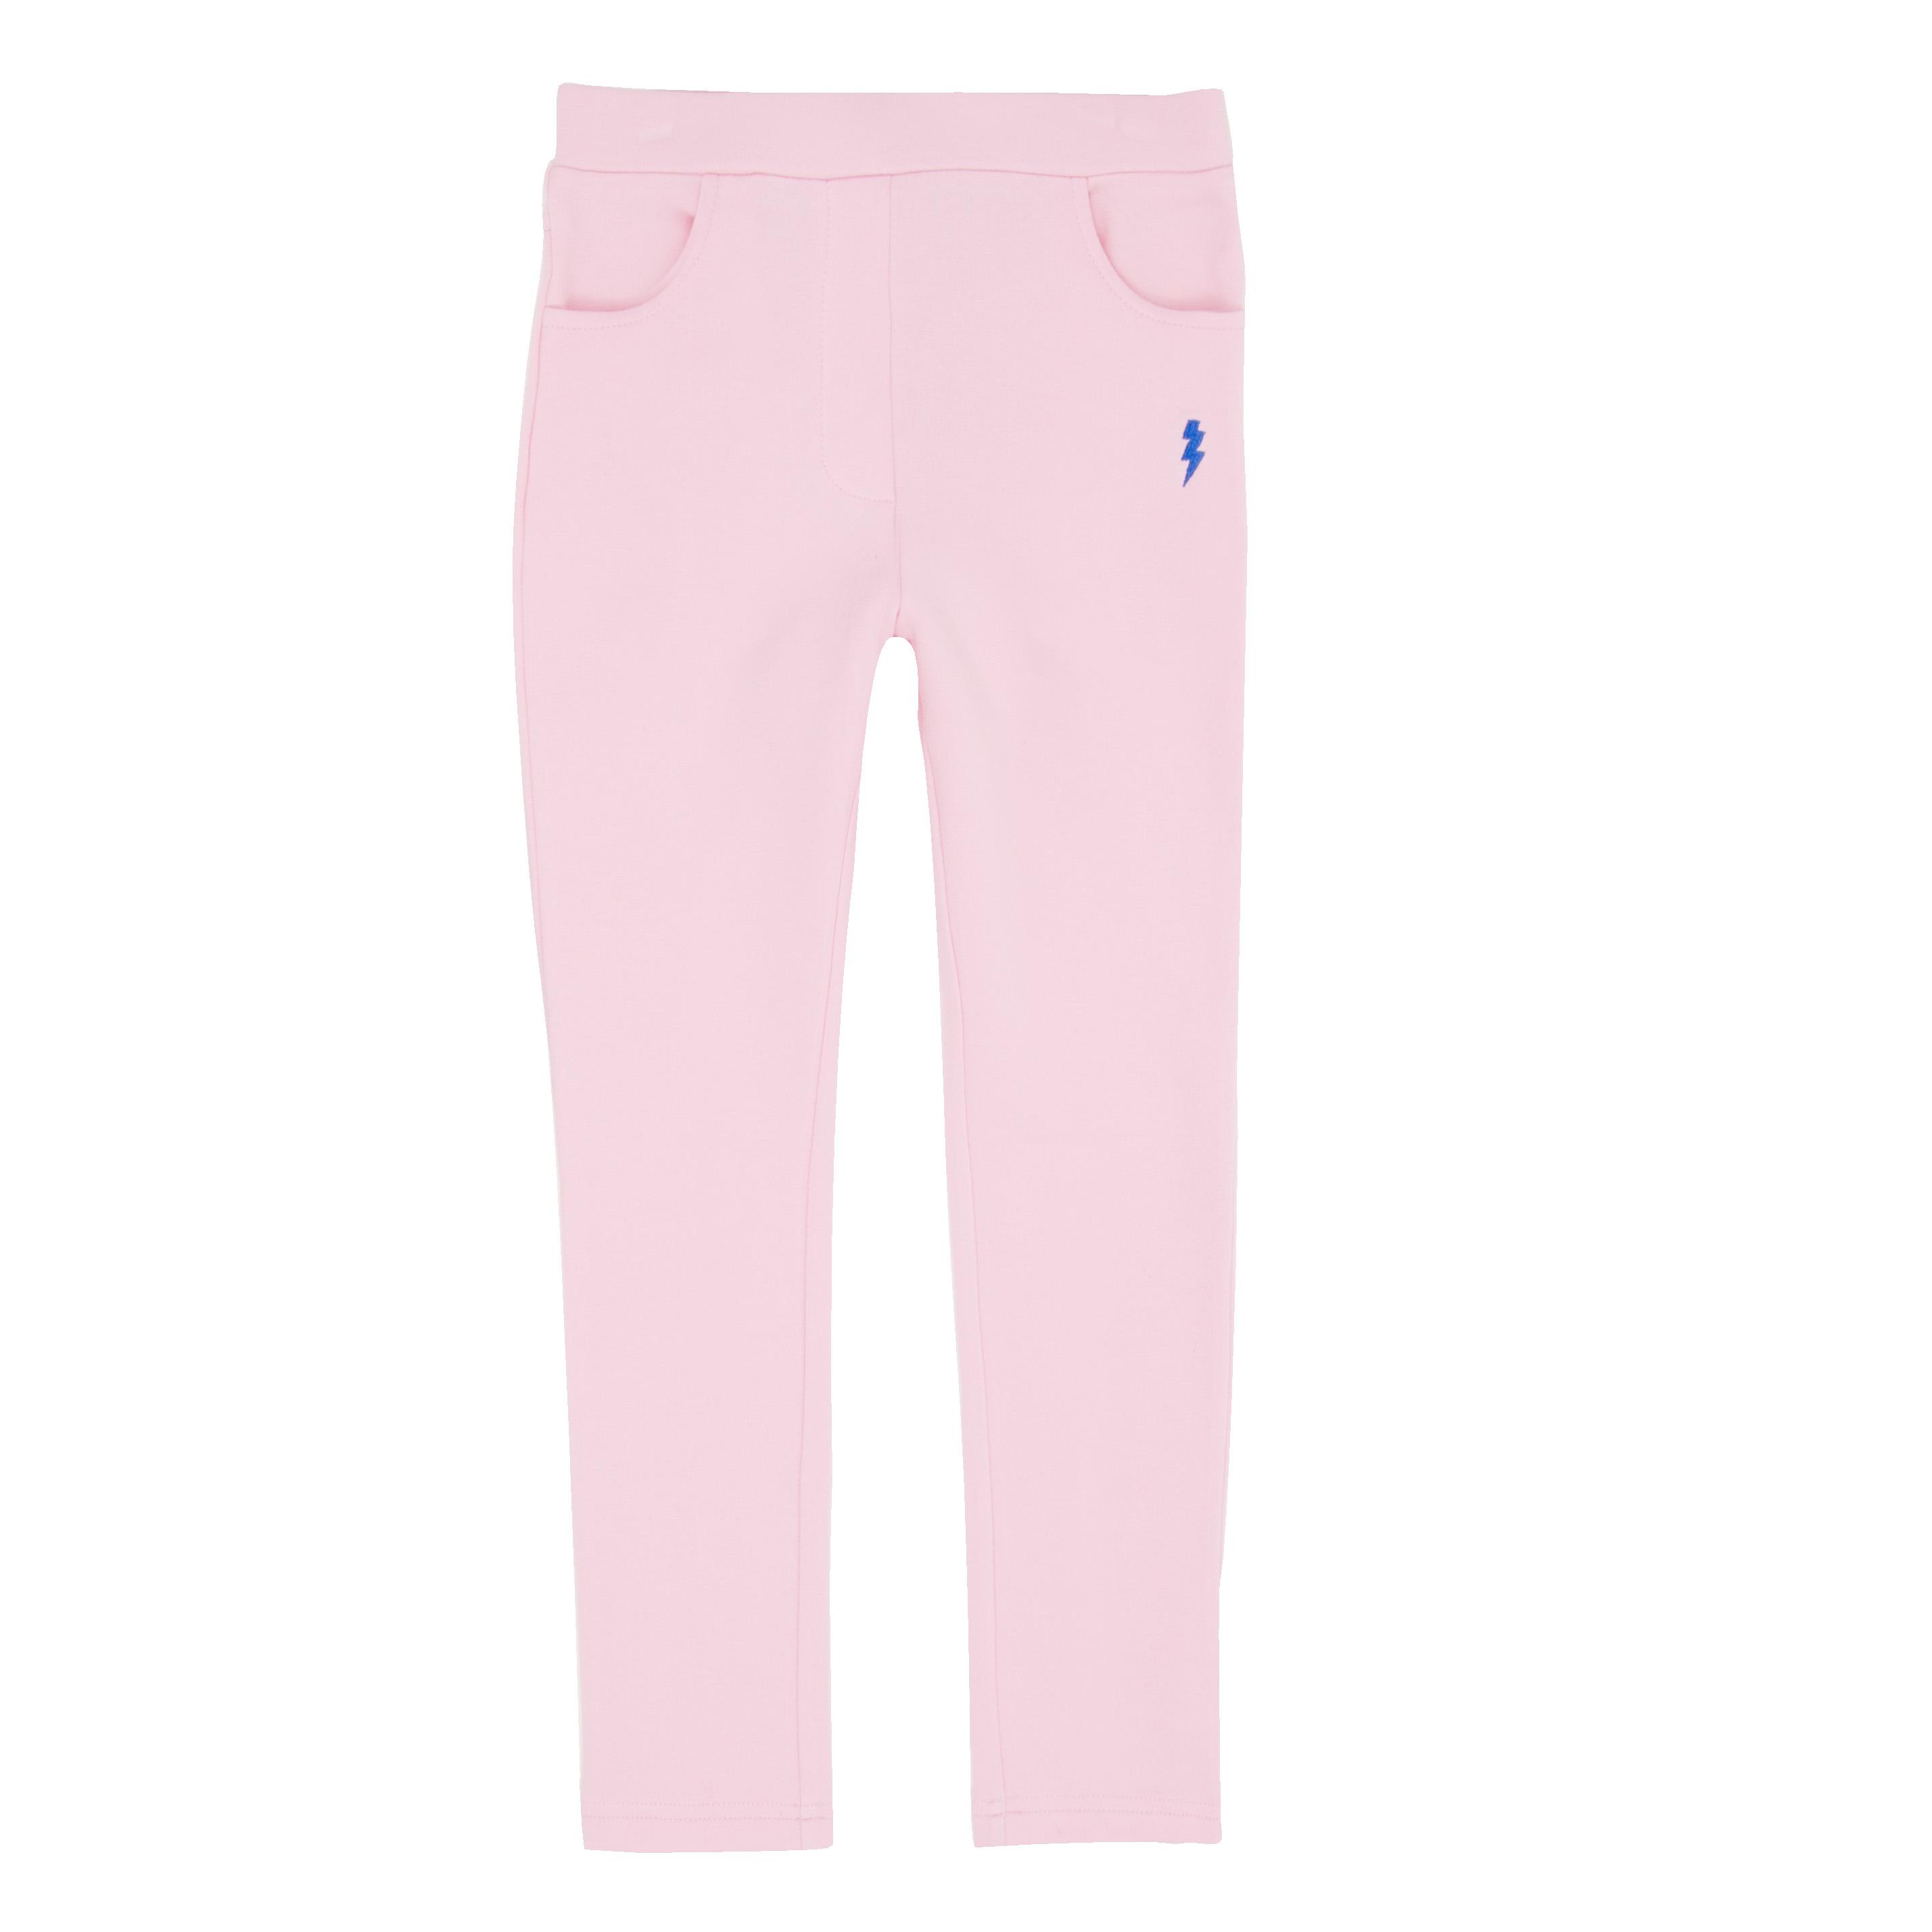 b76bf243d40 Jeans leggings bolt - rosa - Gardner and the gang - Ekobay Store för en  hållbar